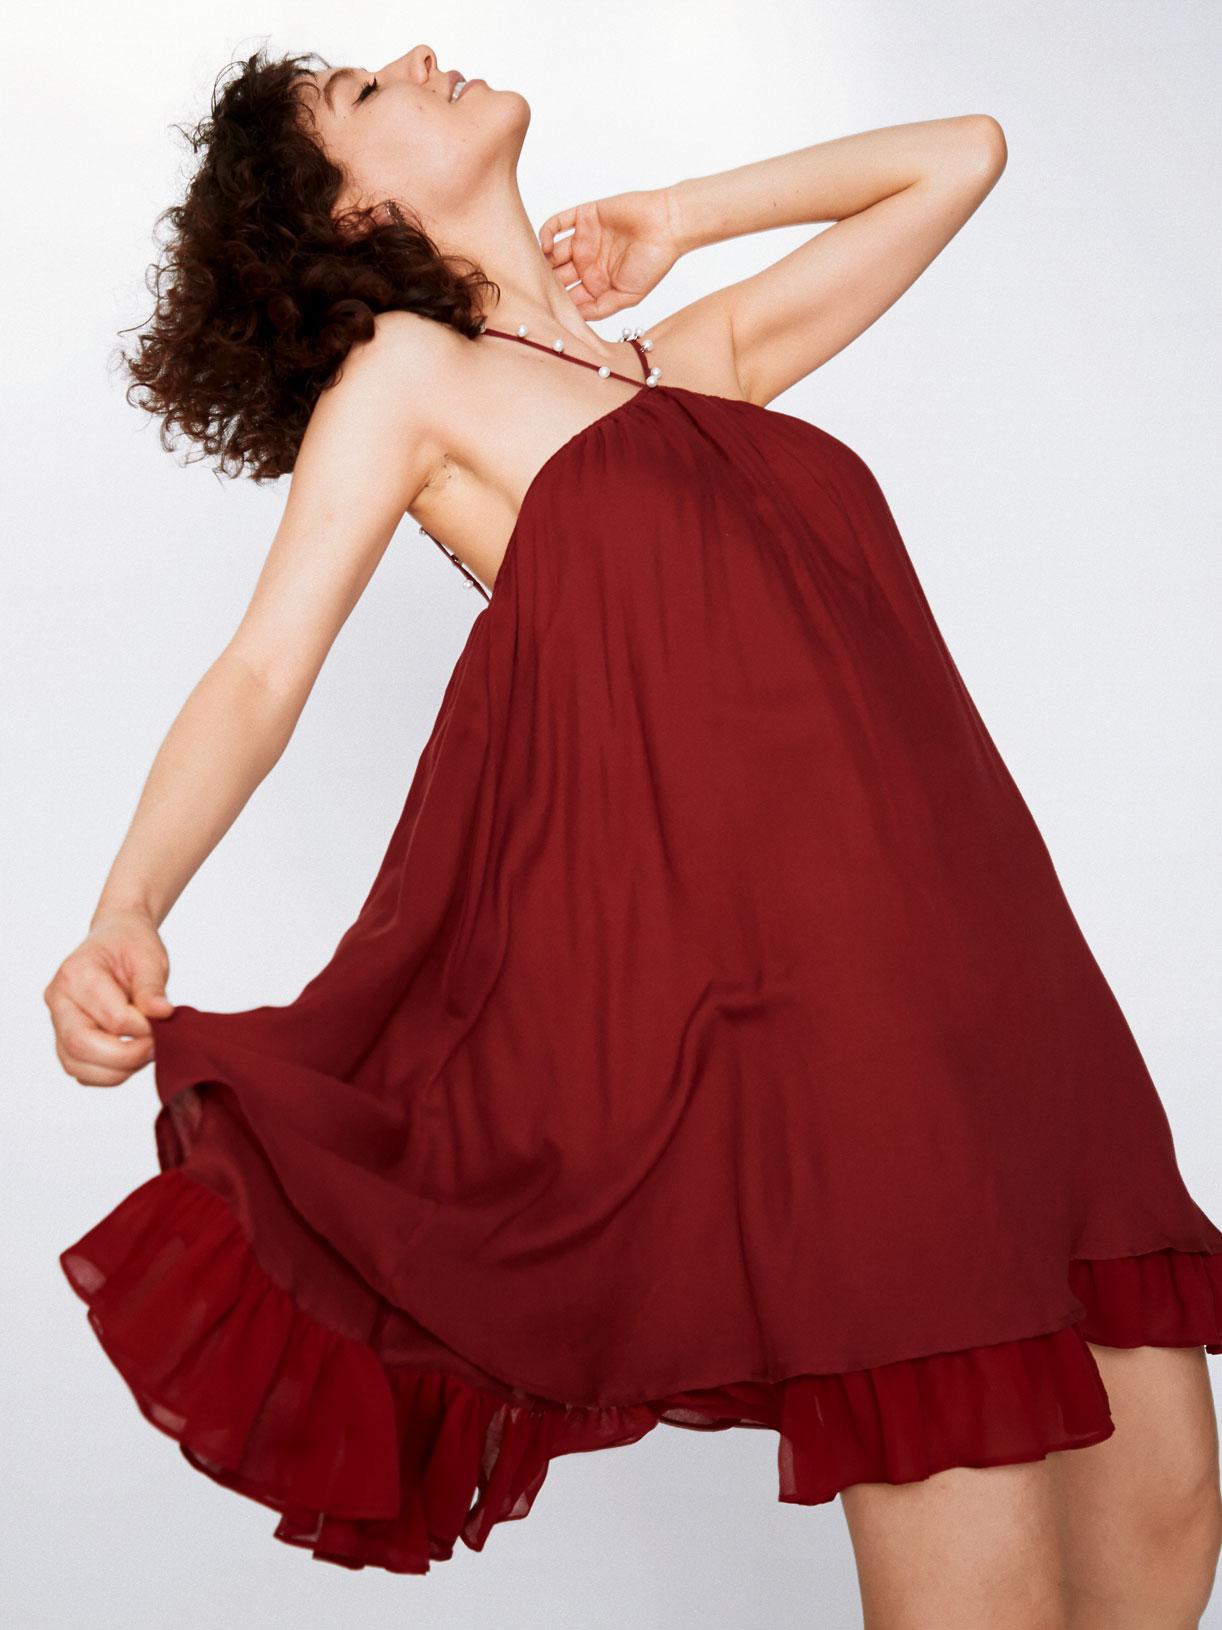 Robe d'invitée mariage rouge a volants écoresponsable - Creatrice de mode éthique et bio a Paris - Myphilosophy